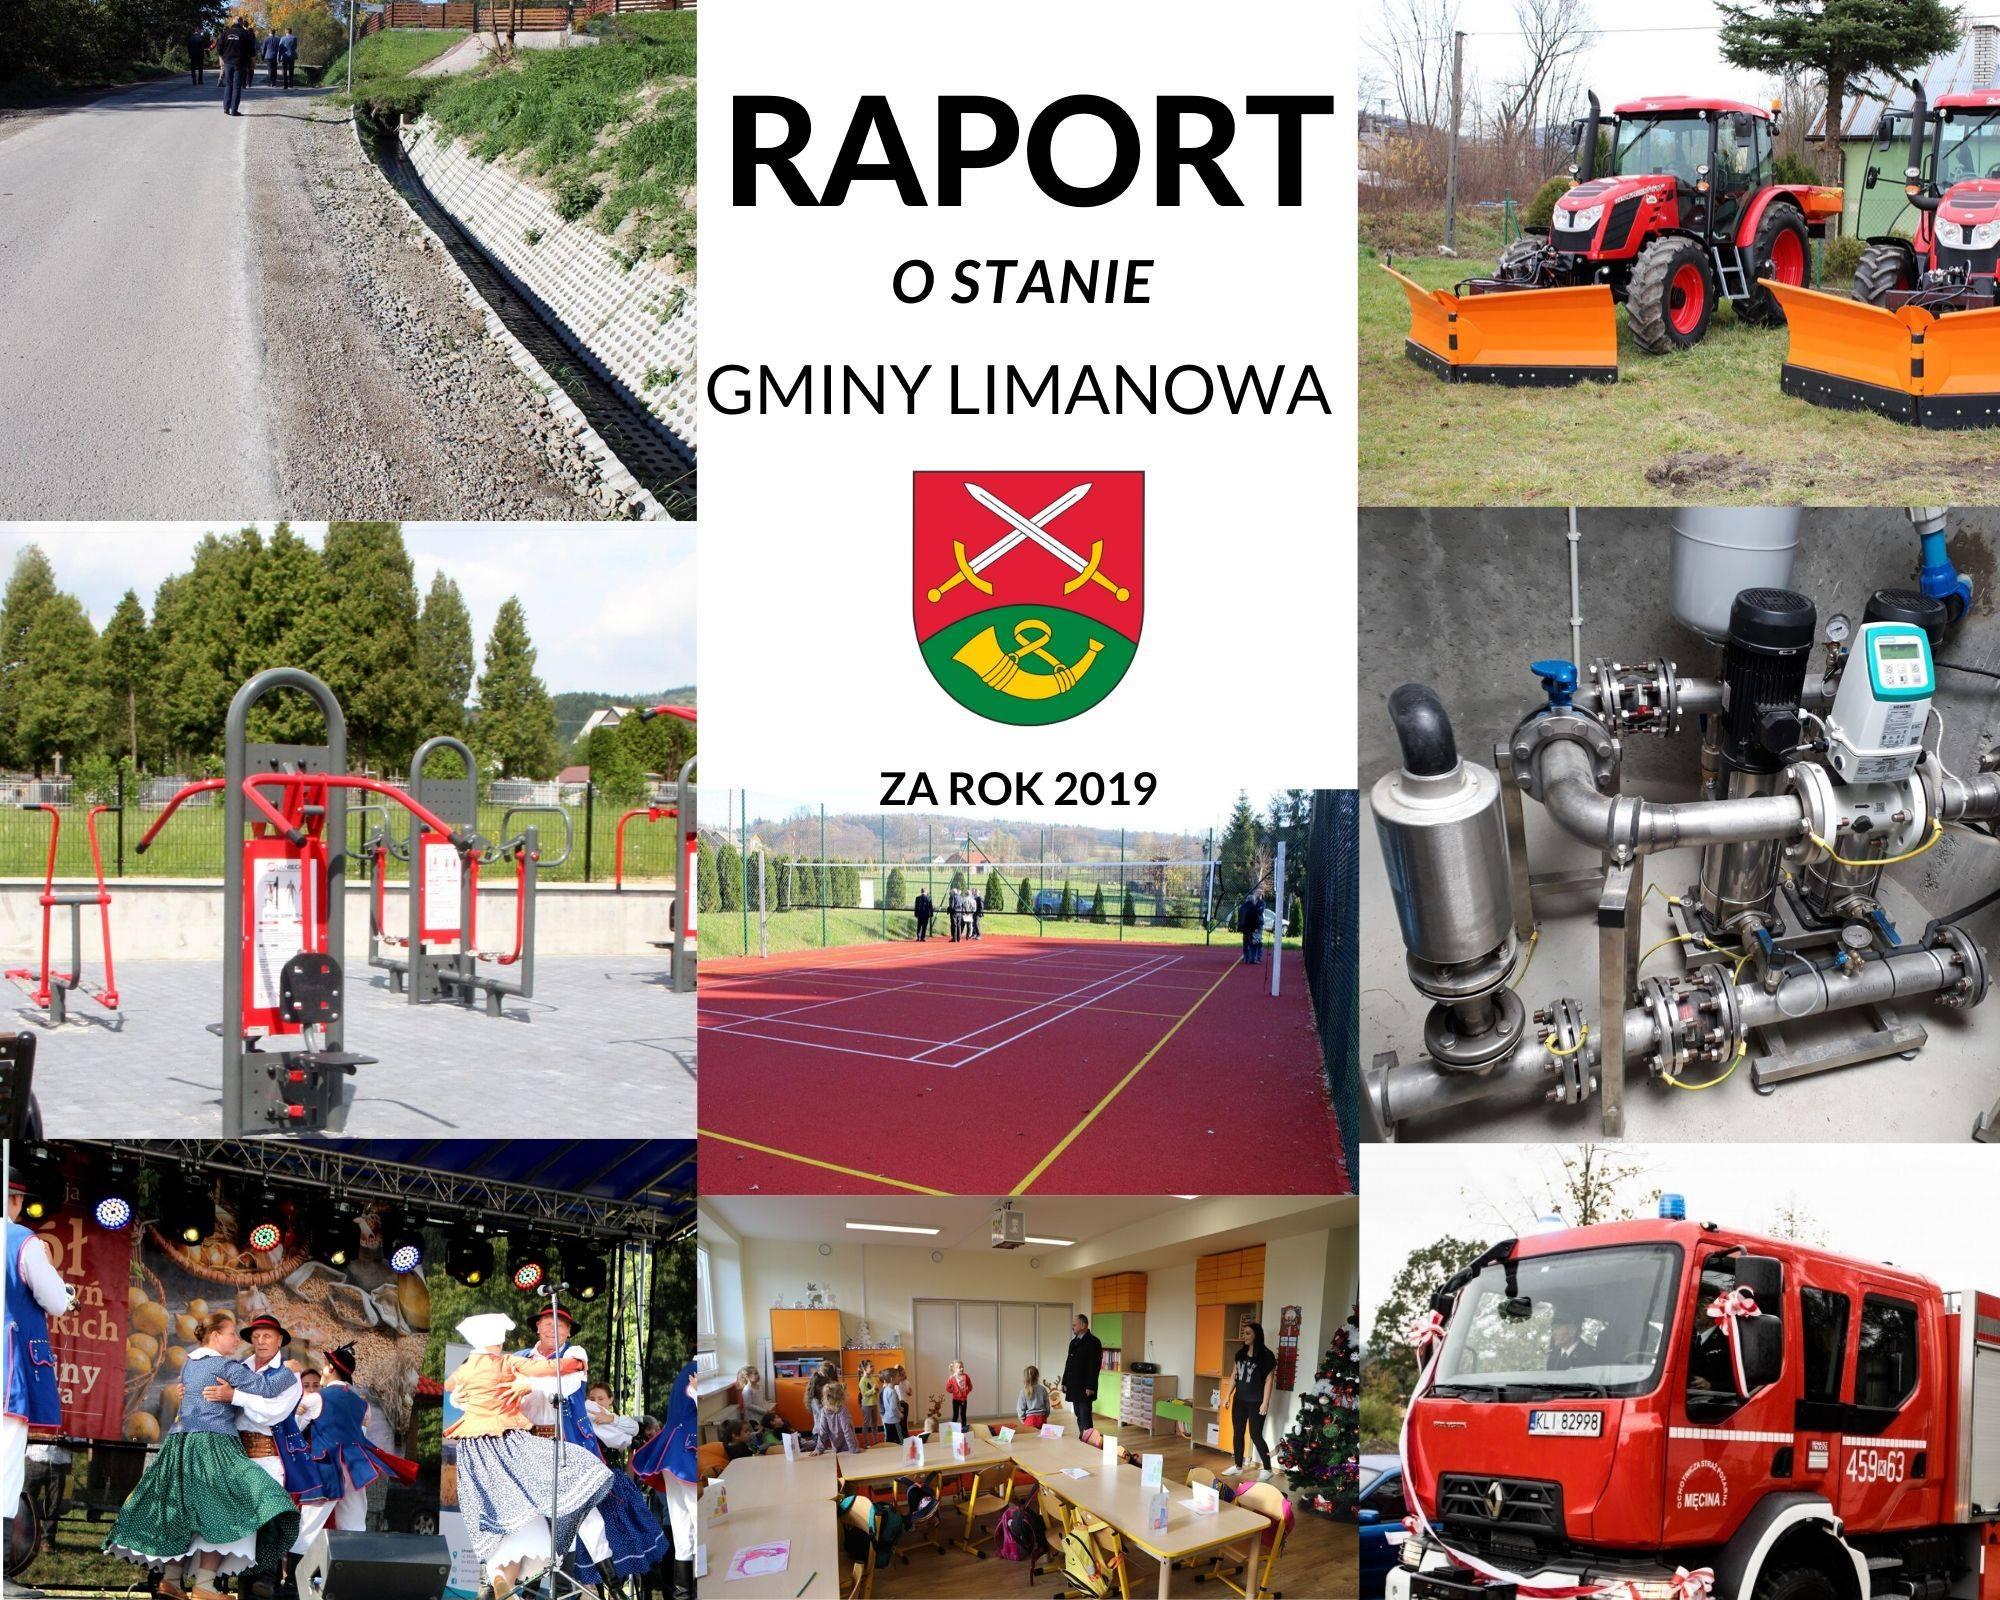 Raport o stanie  Gminy Limanowa  za 2019 rok - zdjęcie główne